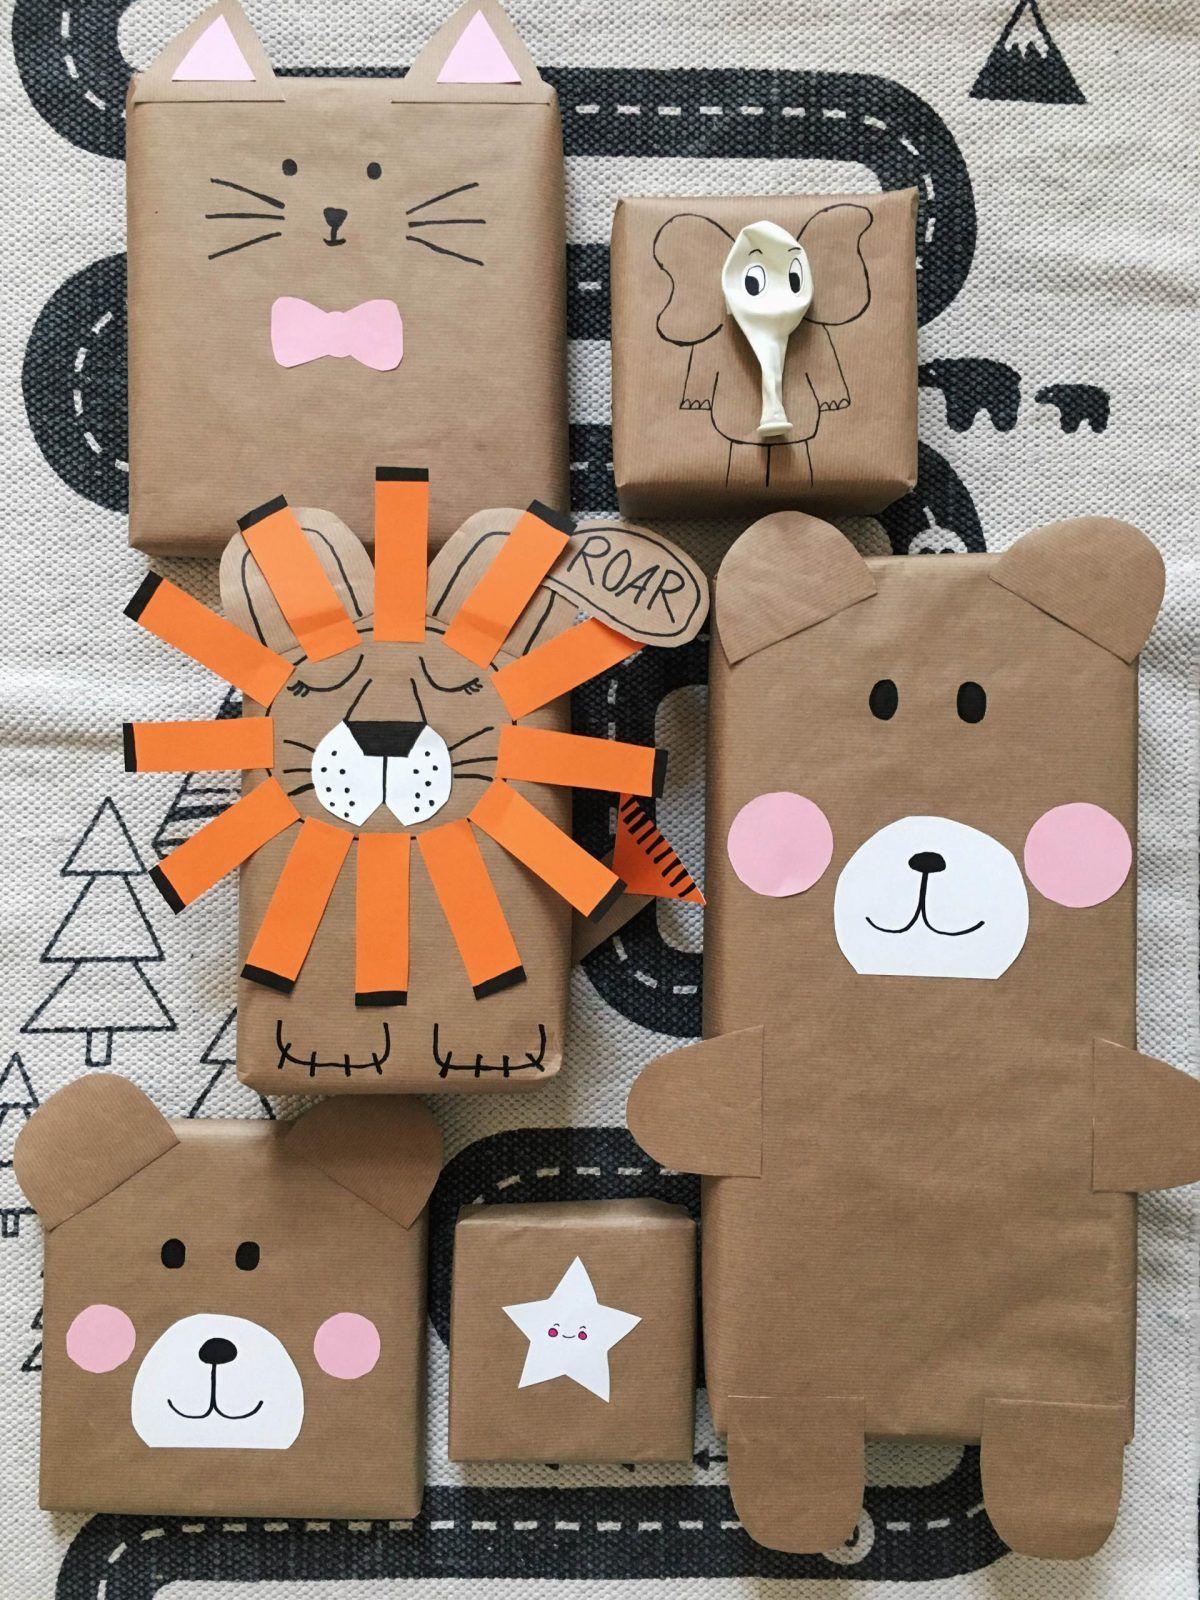 ikea hack adventskalender pinterest geschenkverpackung geschenkverpackung ikea und. Black Bedroom Furniture Sets. Home Design Ideas